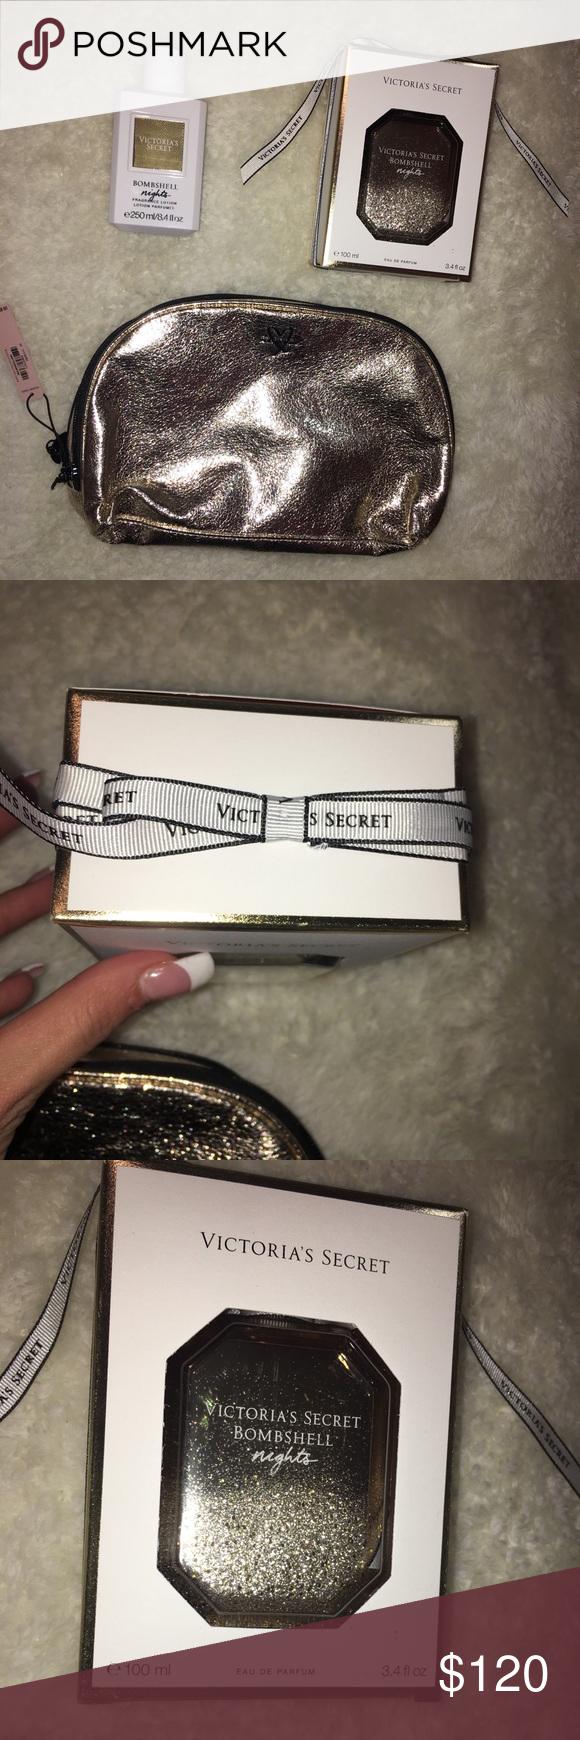 Victoria's Secret 3 piece bundle set Victoria's secret